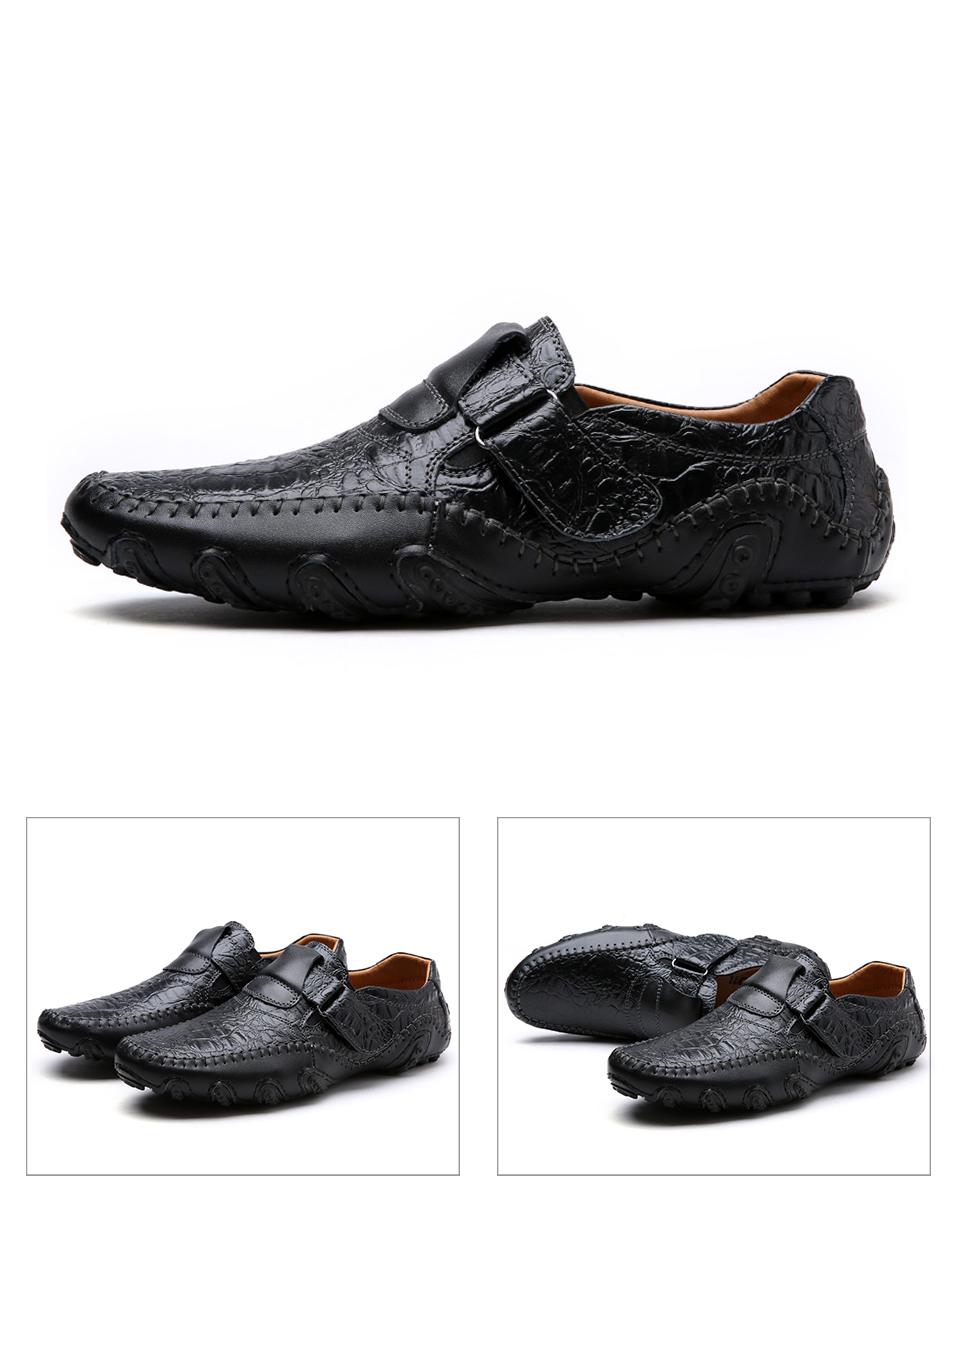 giày da nam cao cấp tphcm - giày da bò nam tphcm - giầy lười nam nhập khẩu